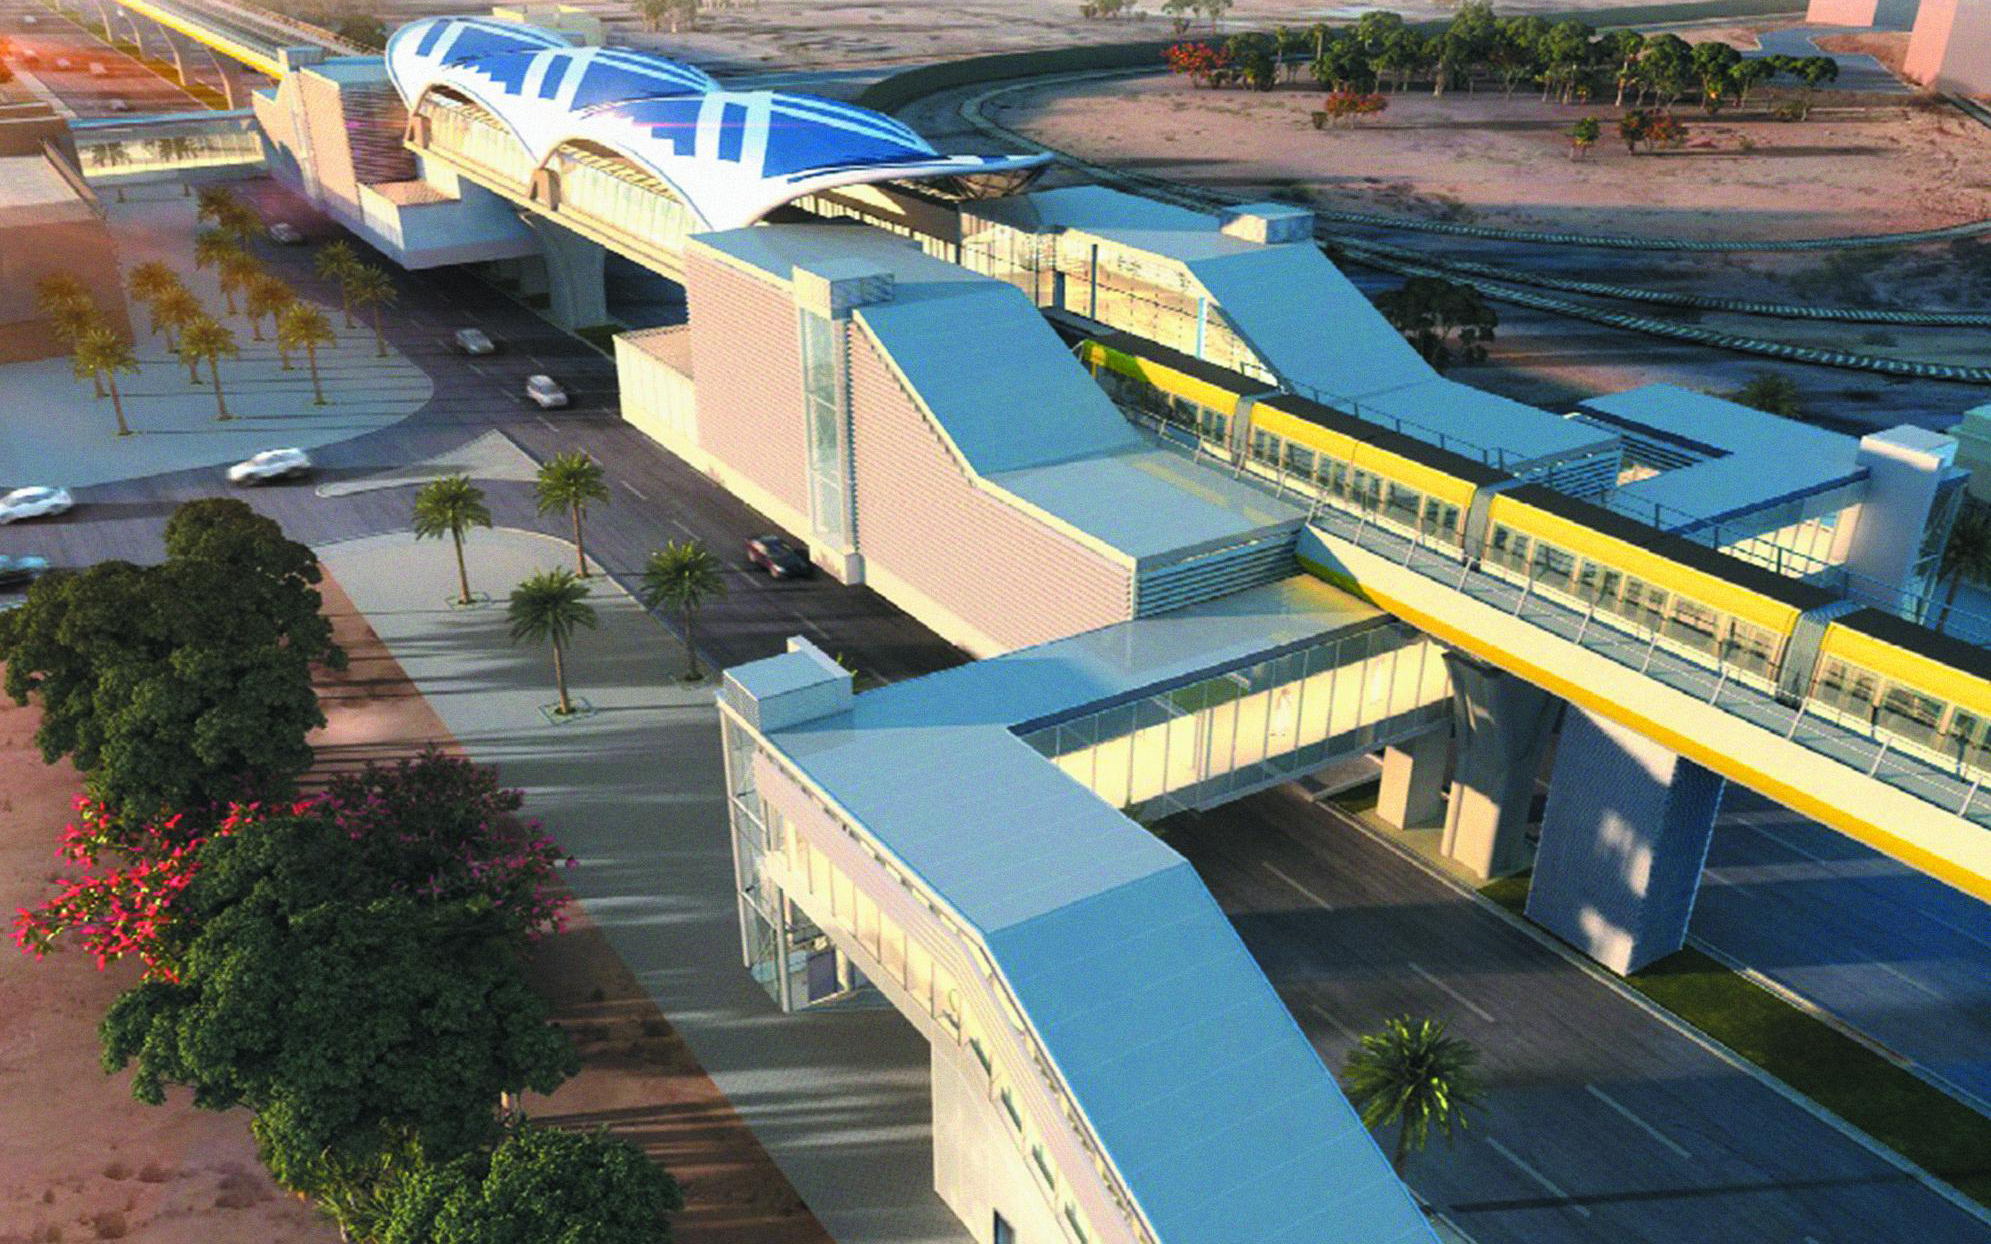 Red de Metro de Riad